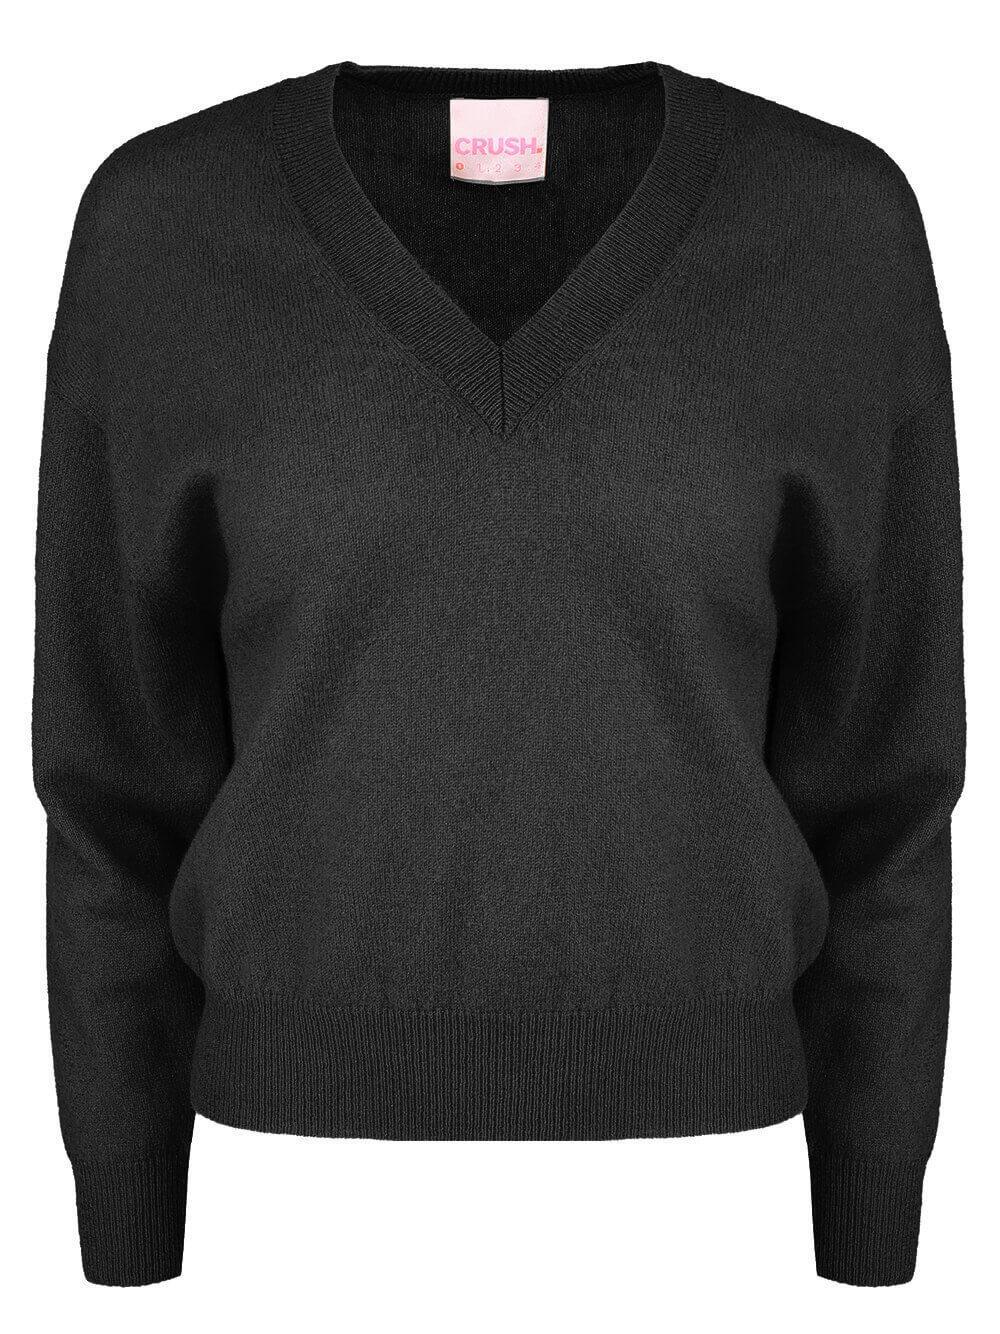 Malibu V- Neck Sweater Item # CR21-430